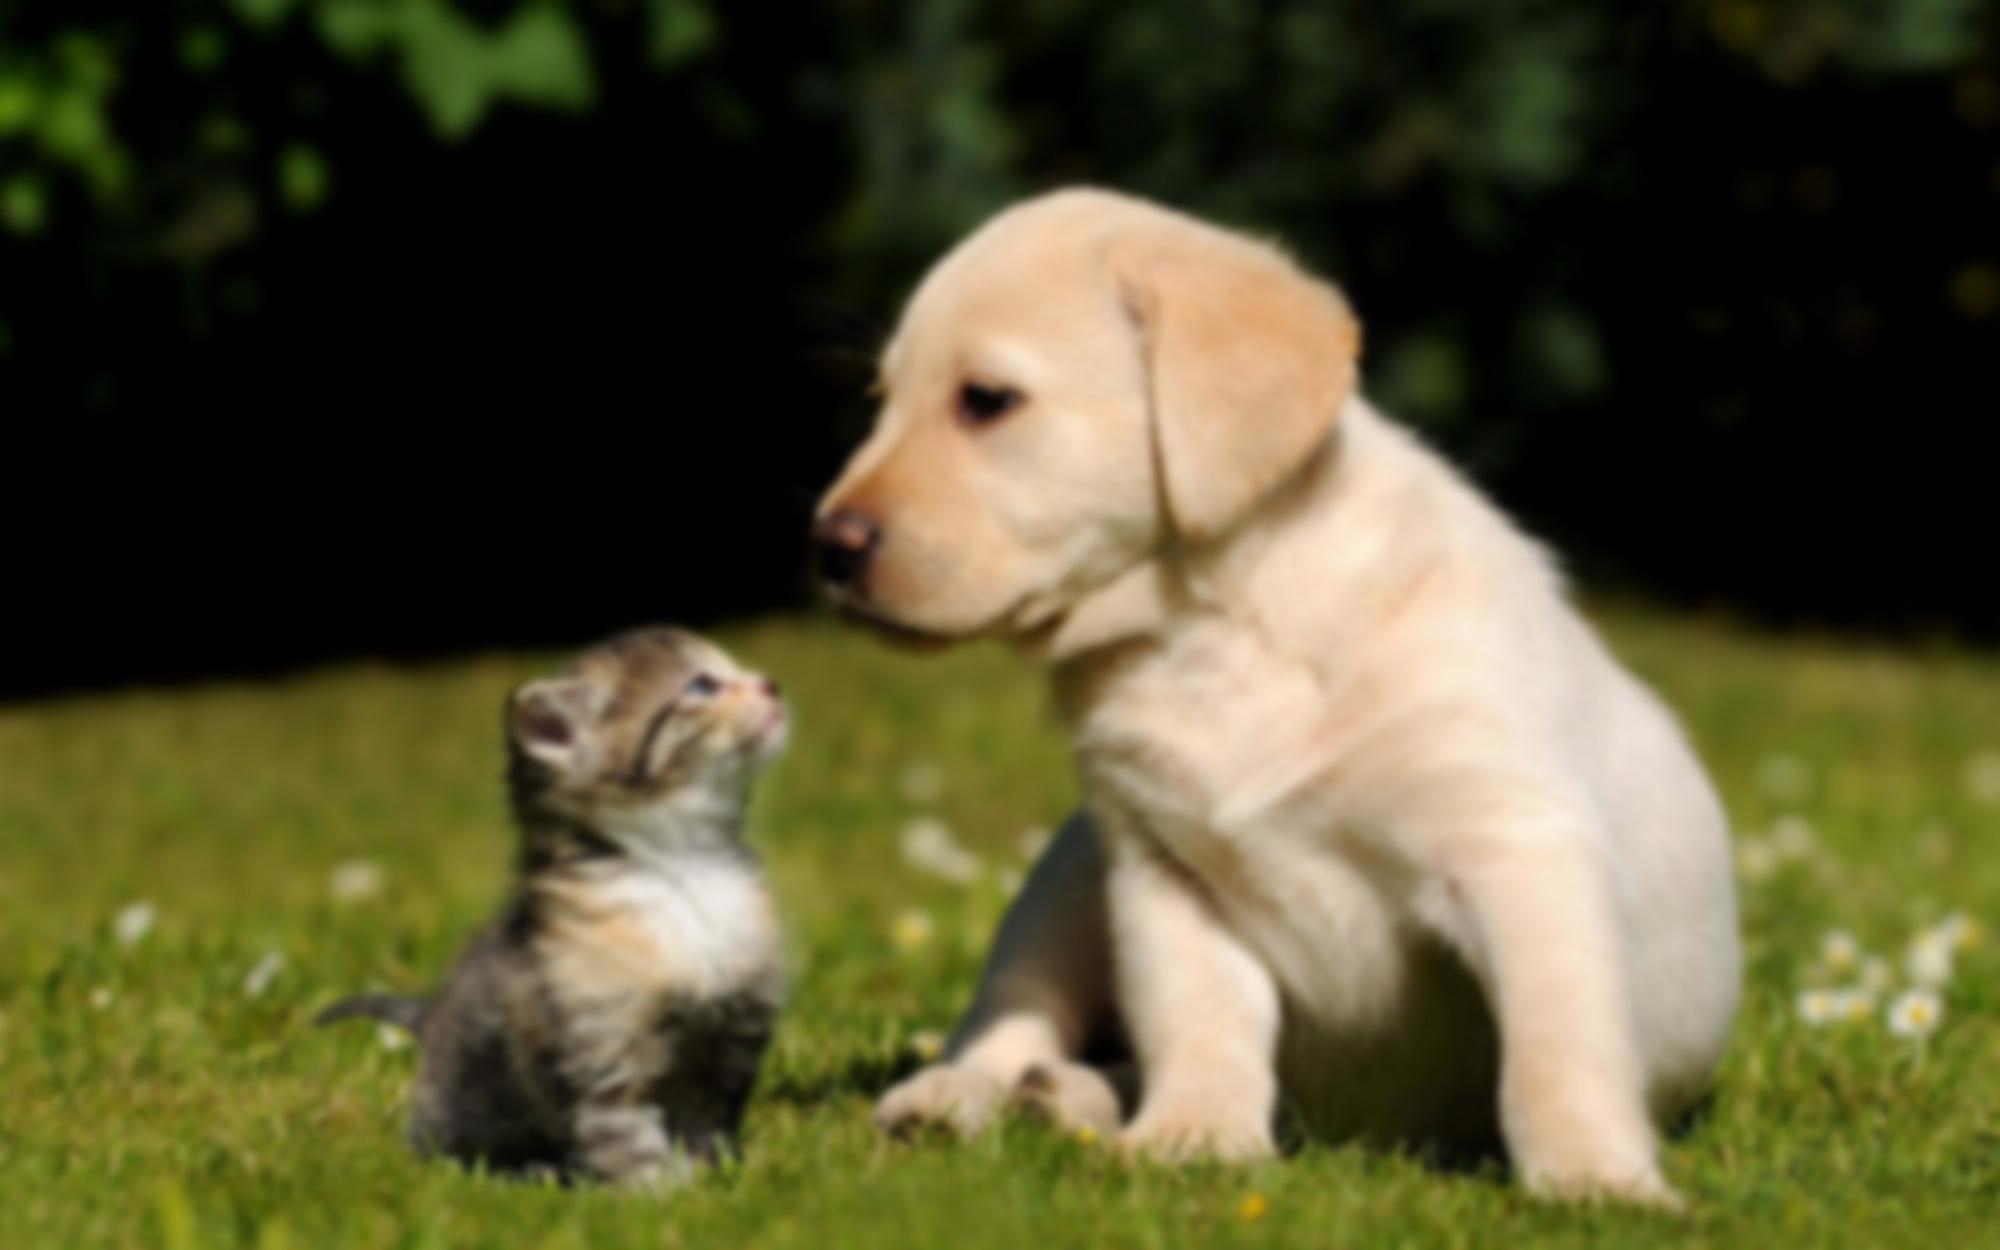 Minimal cucciolibg